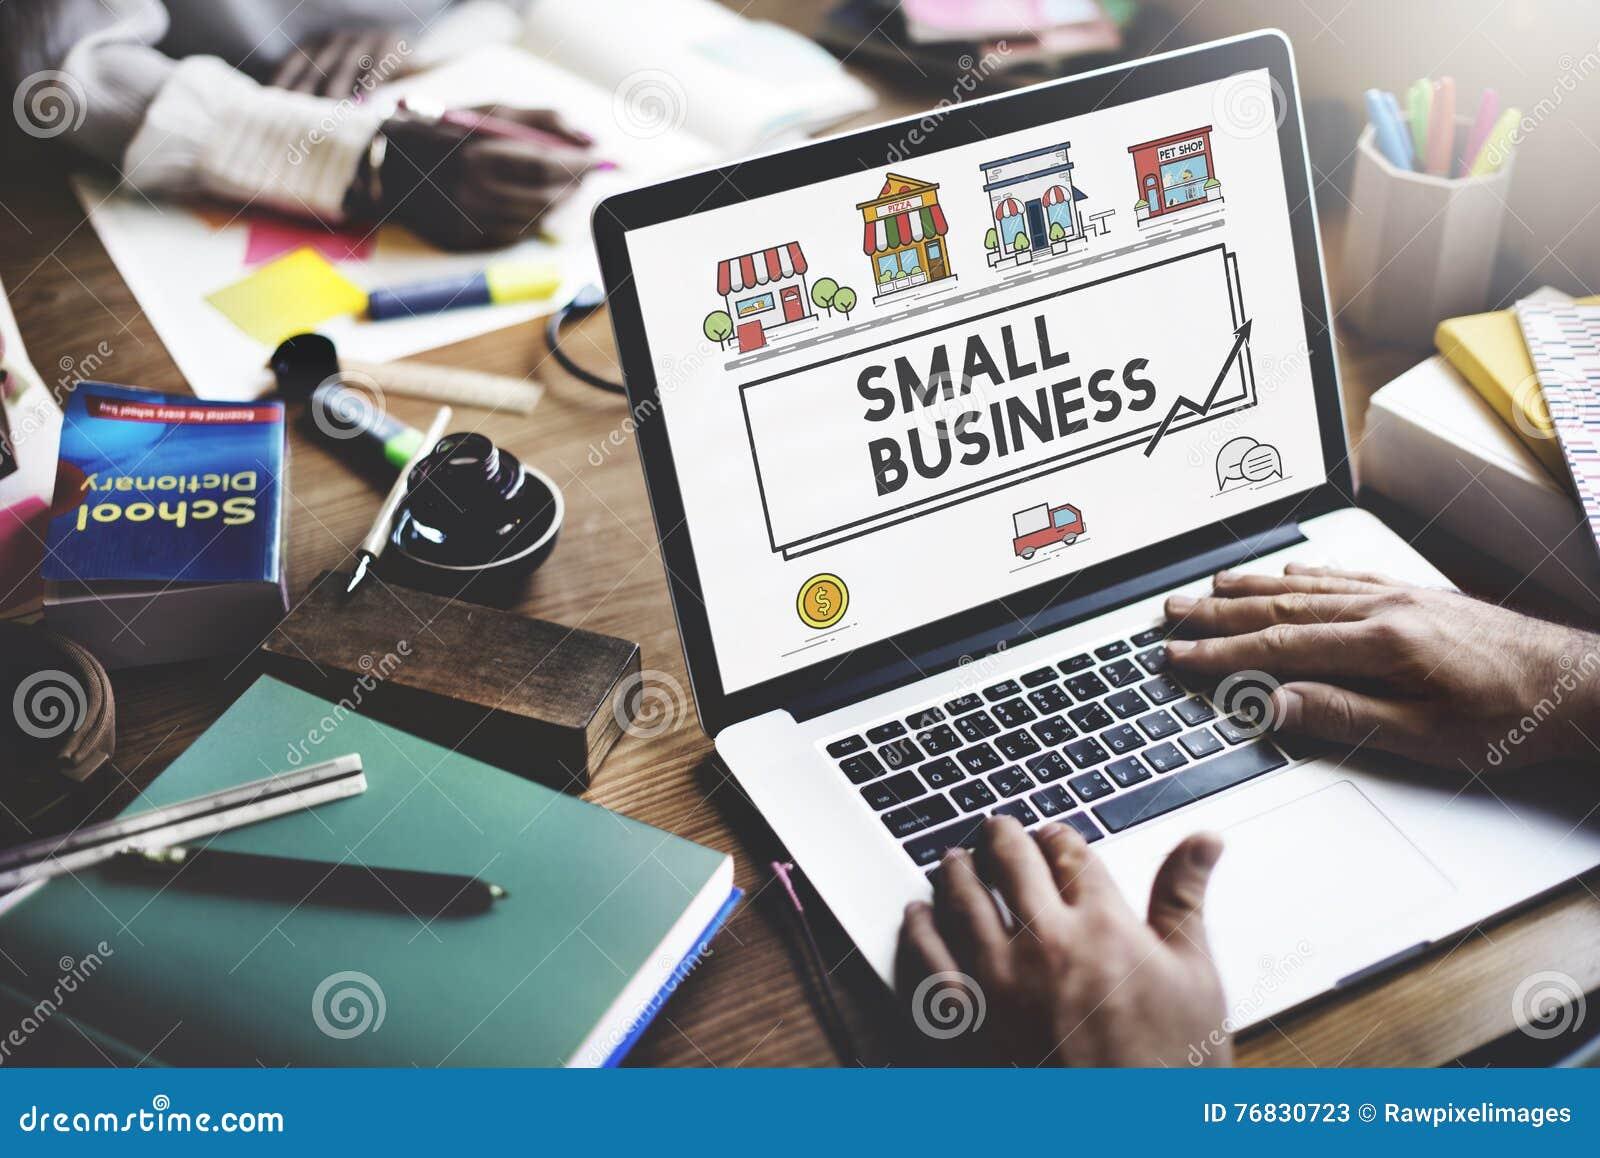 Concepto de comercialización de la empresa de la pequeña estrategia empresarial